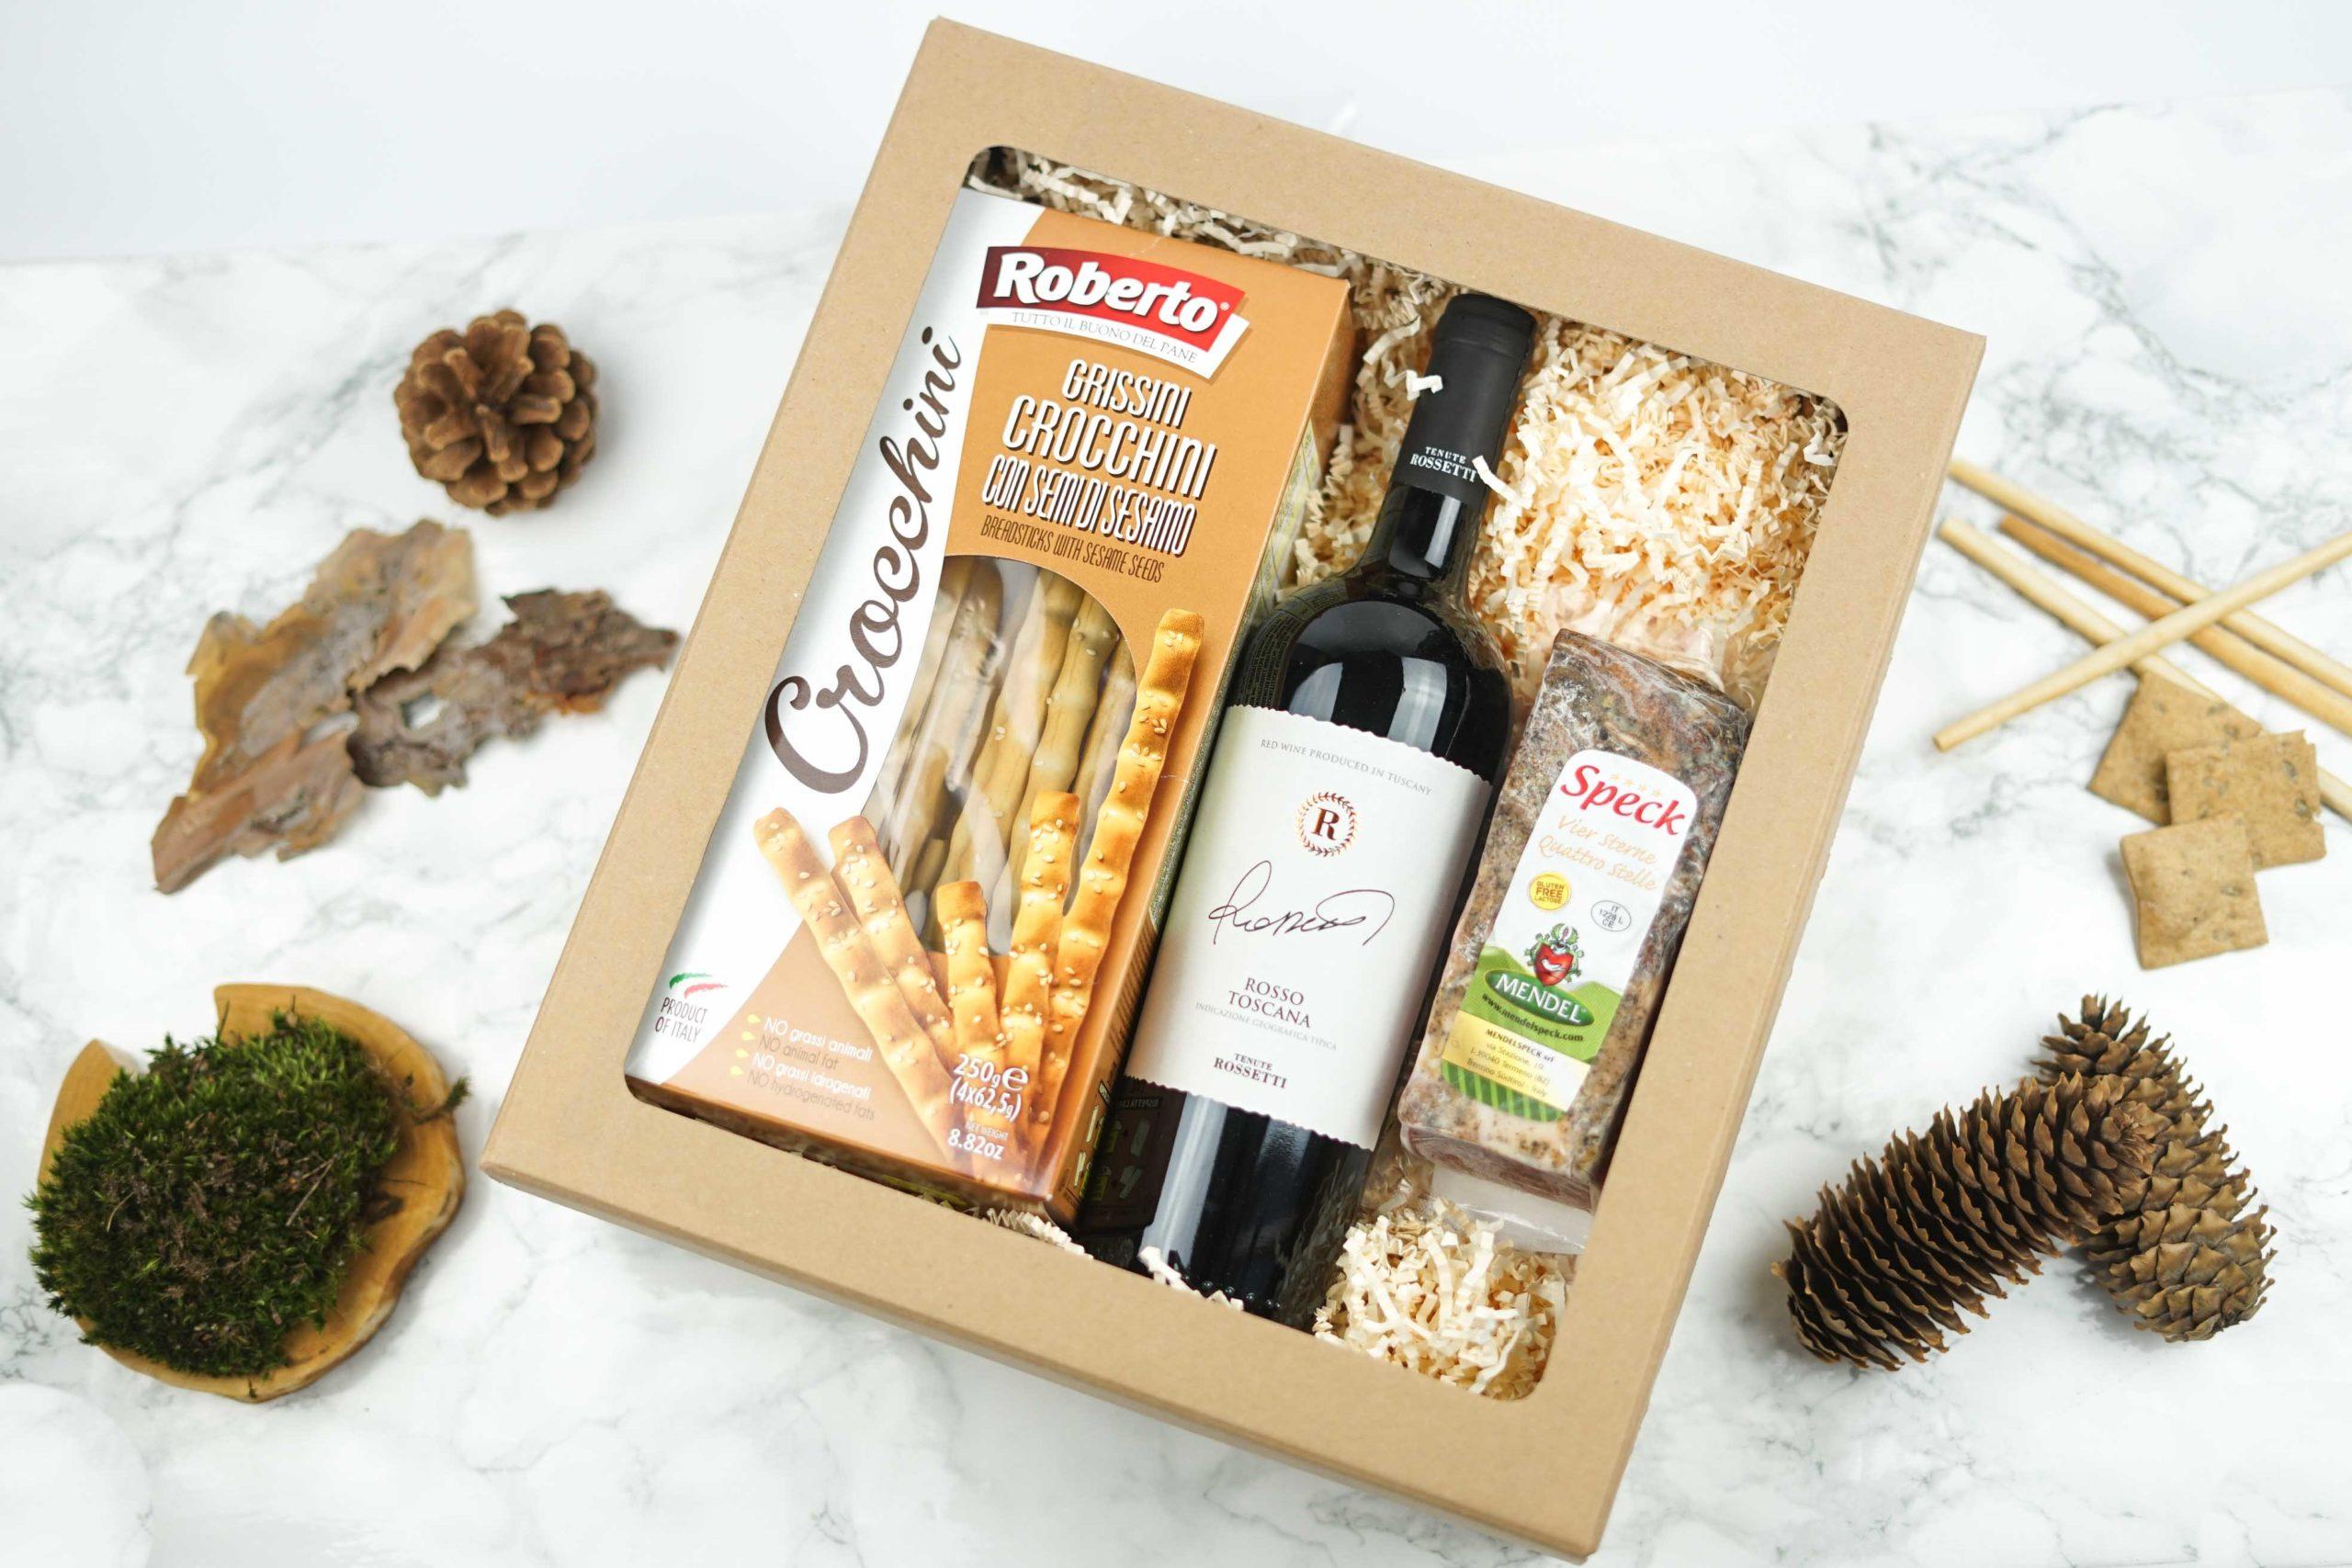 Dárková krabička Rosso Toscana